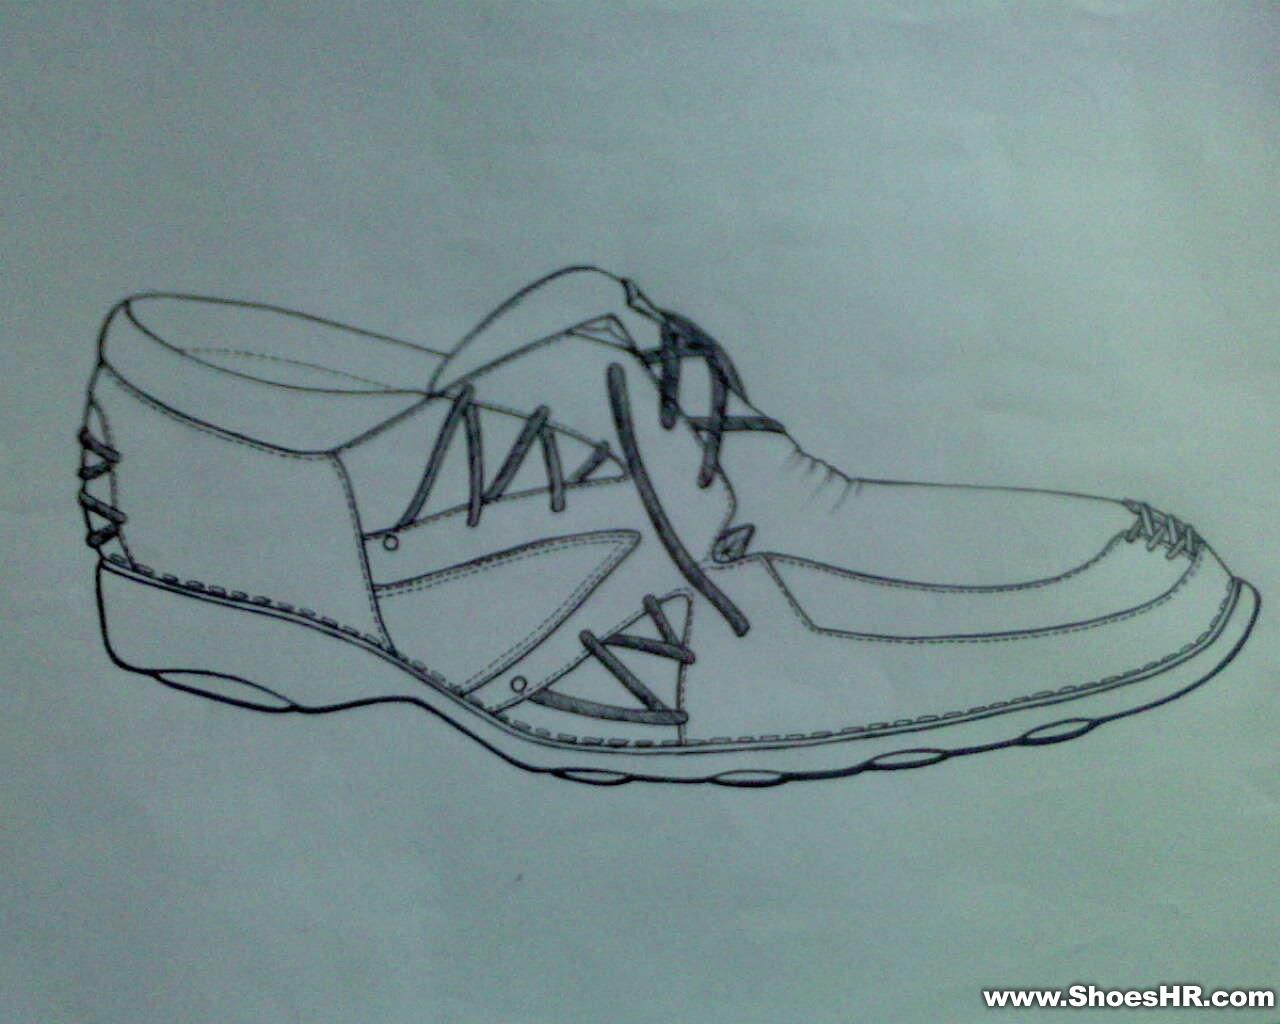 线描鞋子图片 线描速写人物临摹图,儿童创意线描作品 图